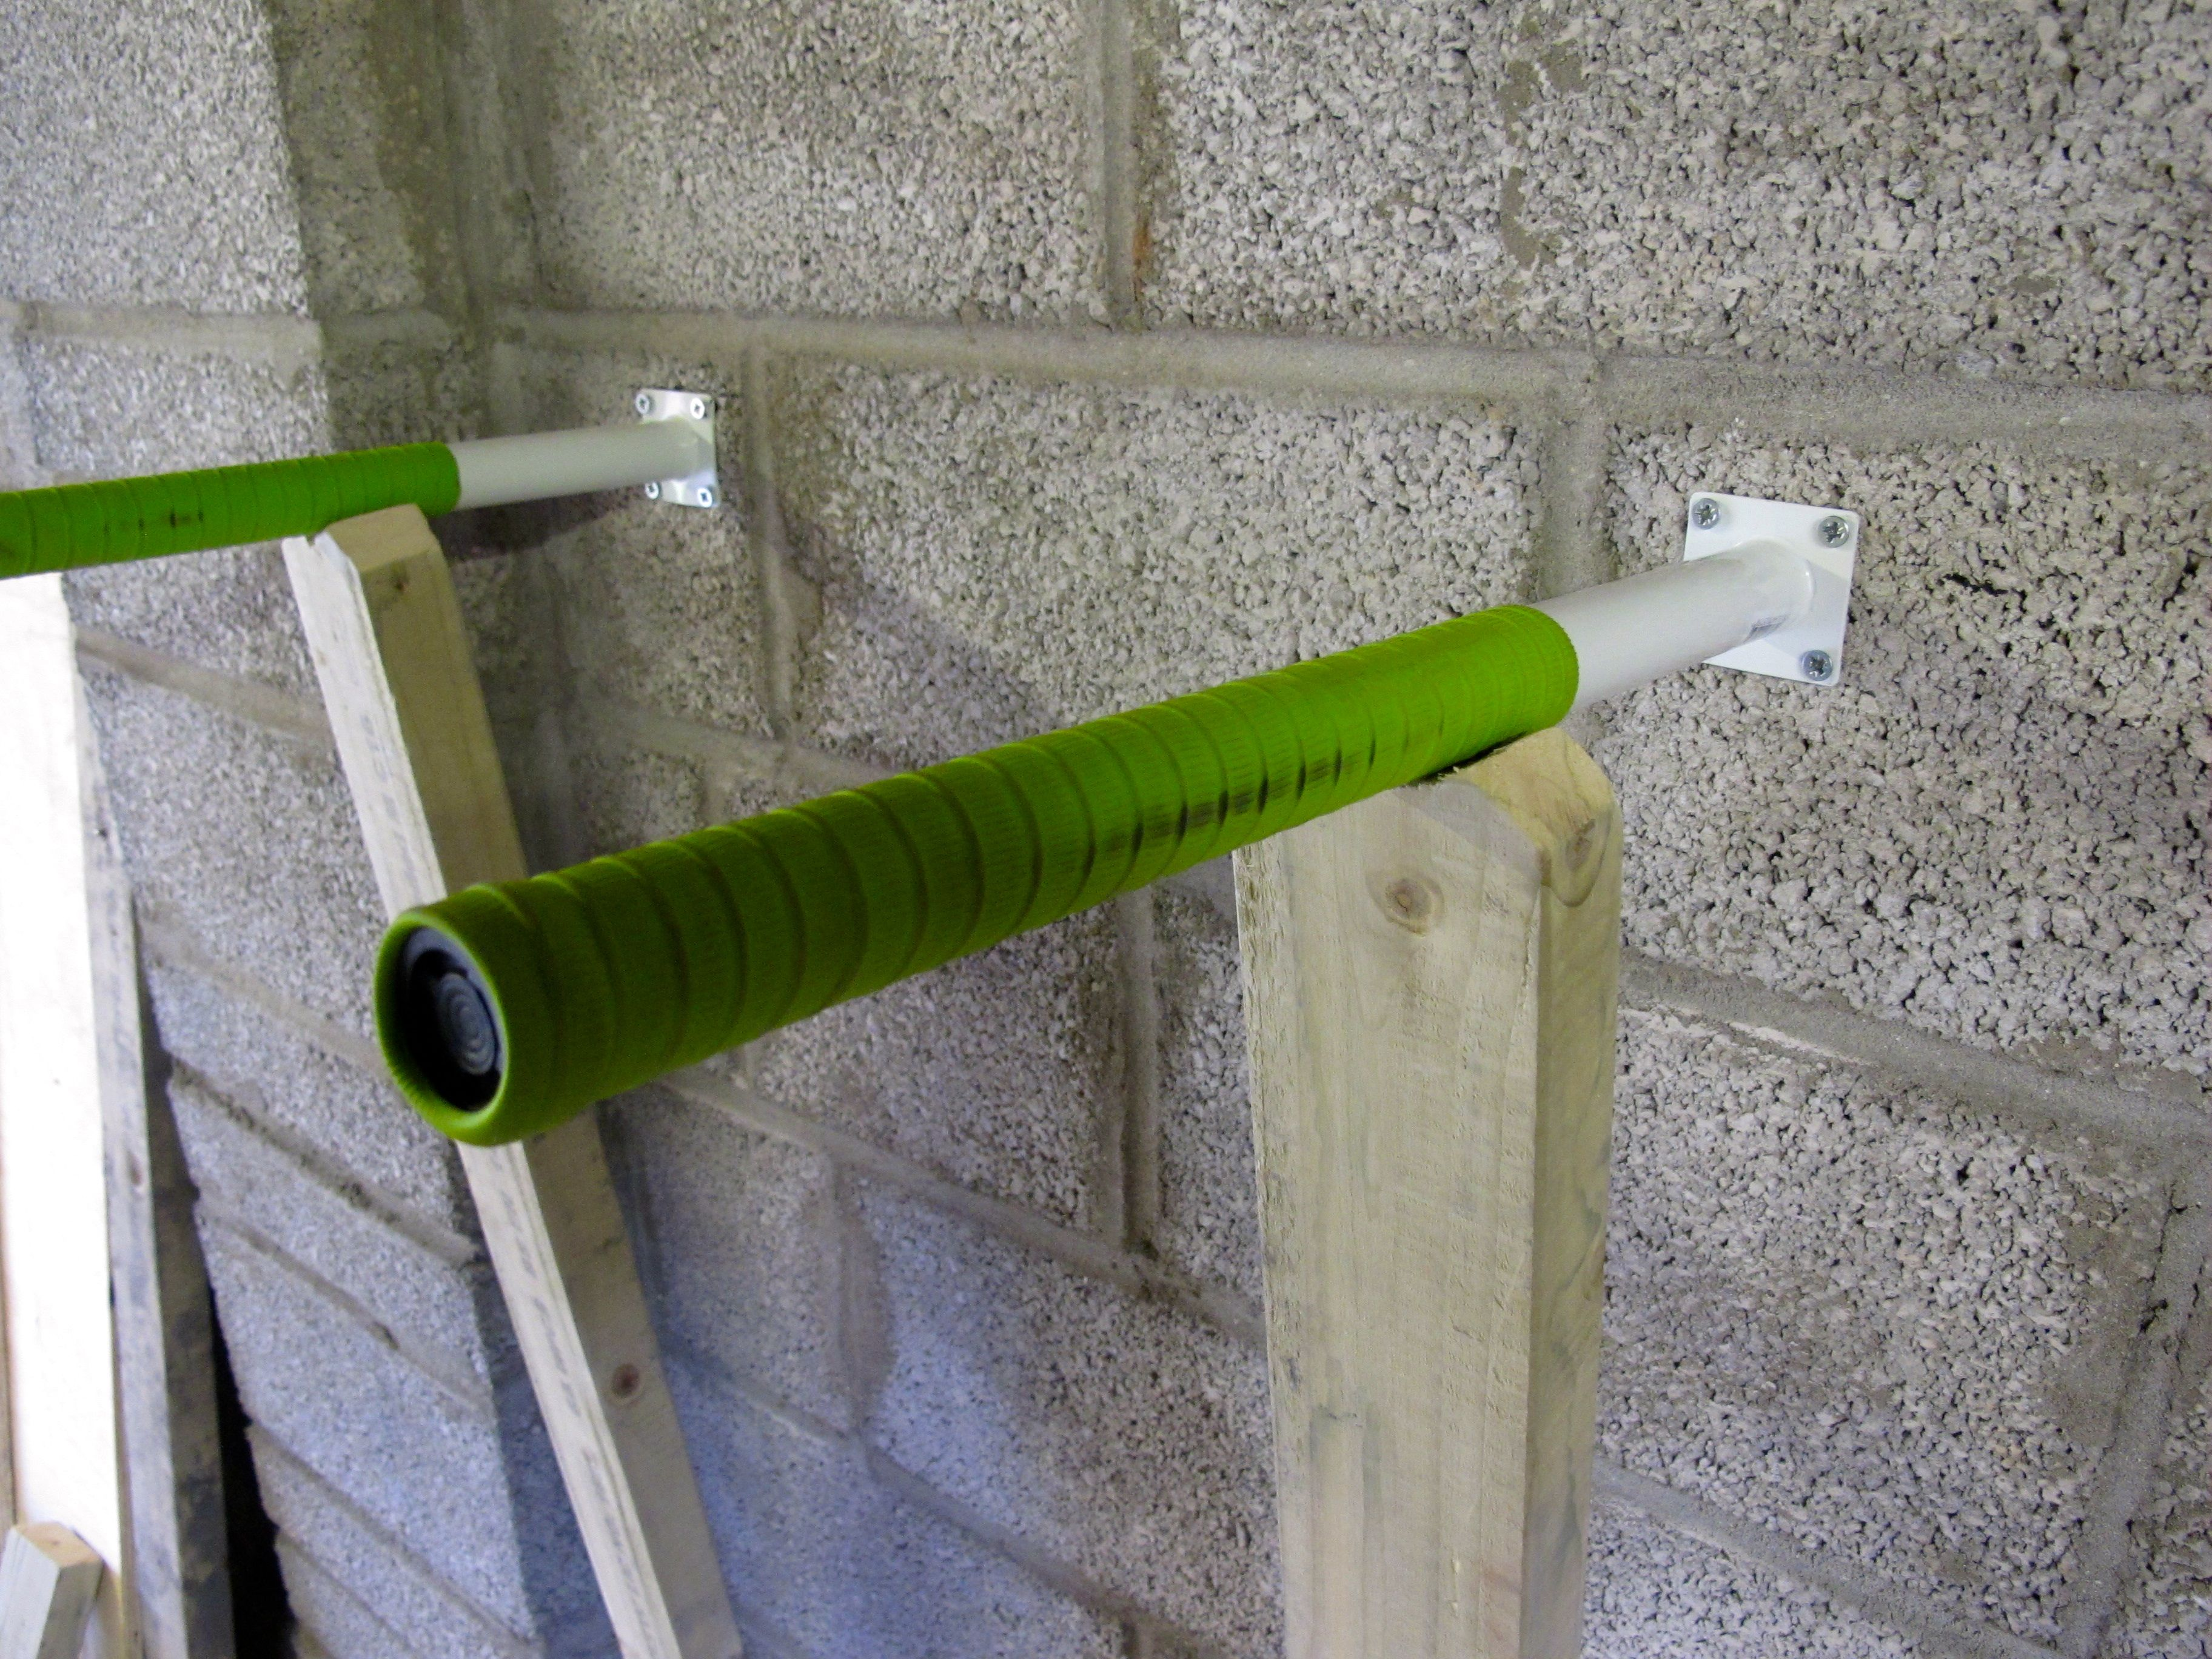 building a budget home gym dip bar space saver and gym